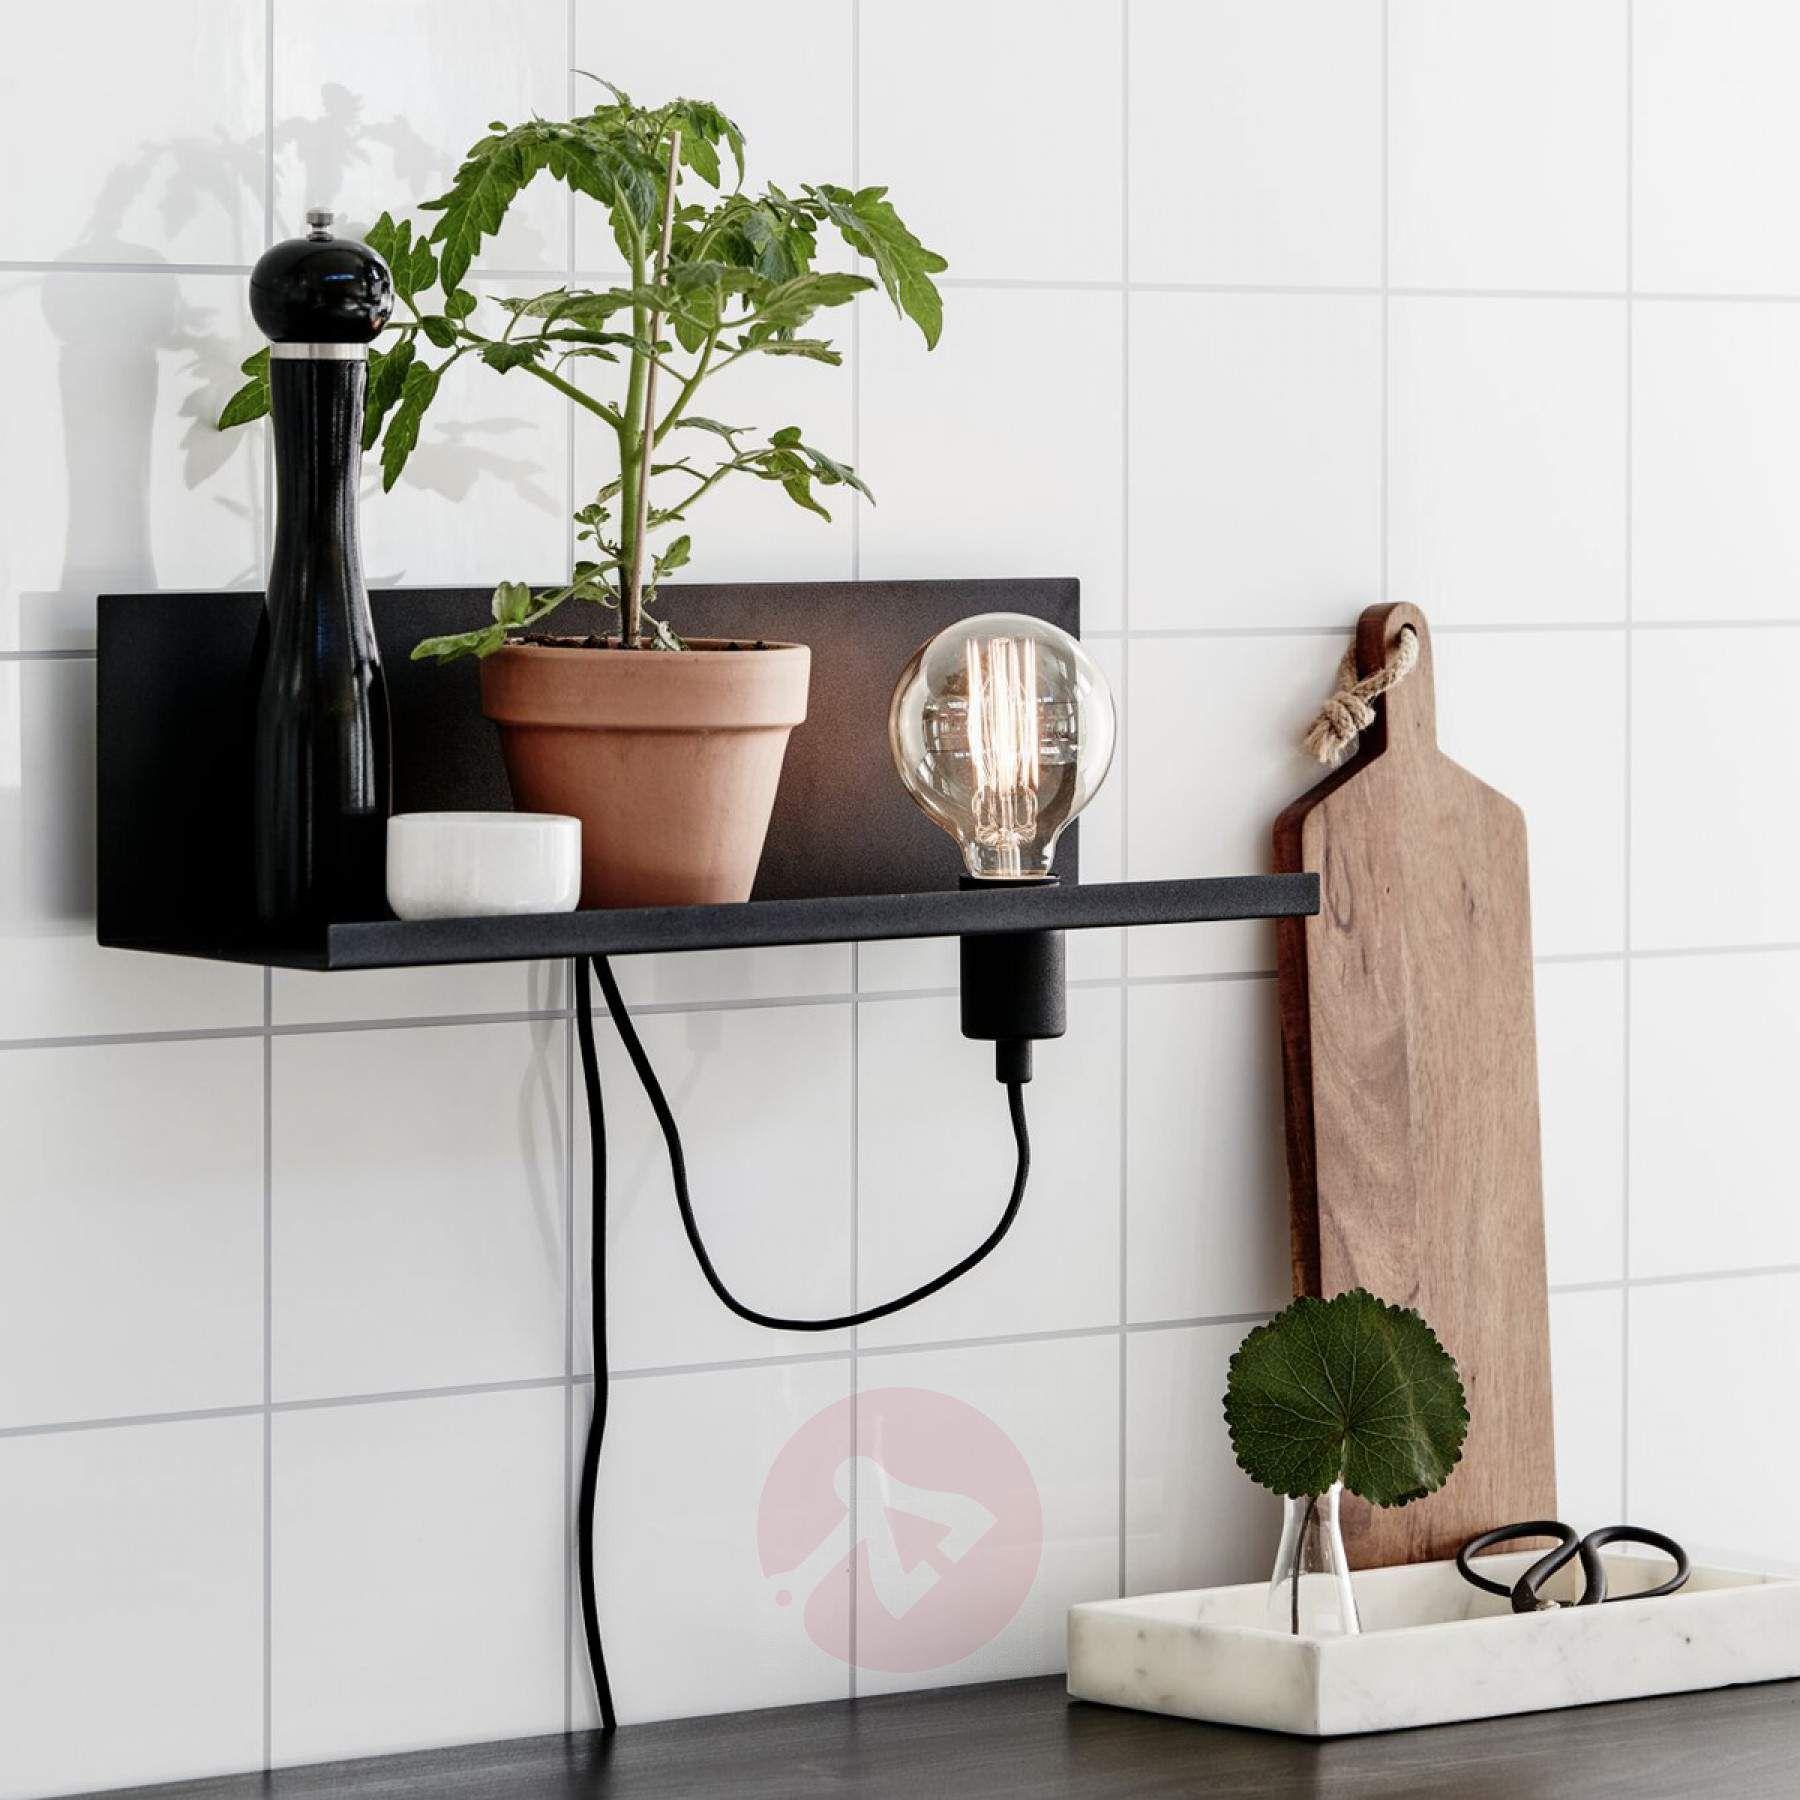 nice einfache dekoration und mobel tipps fuer das richtige leuchtmittel 2 #1: Pinterest